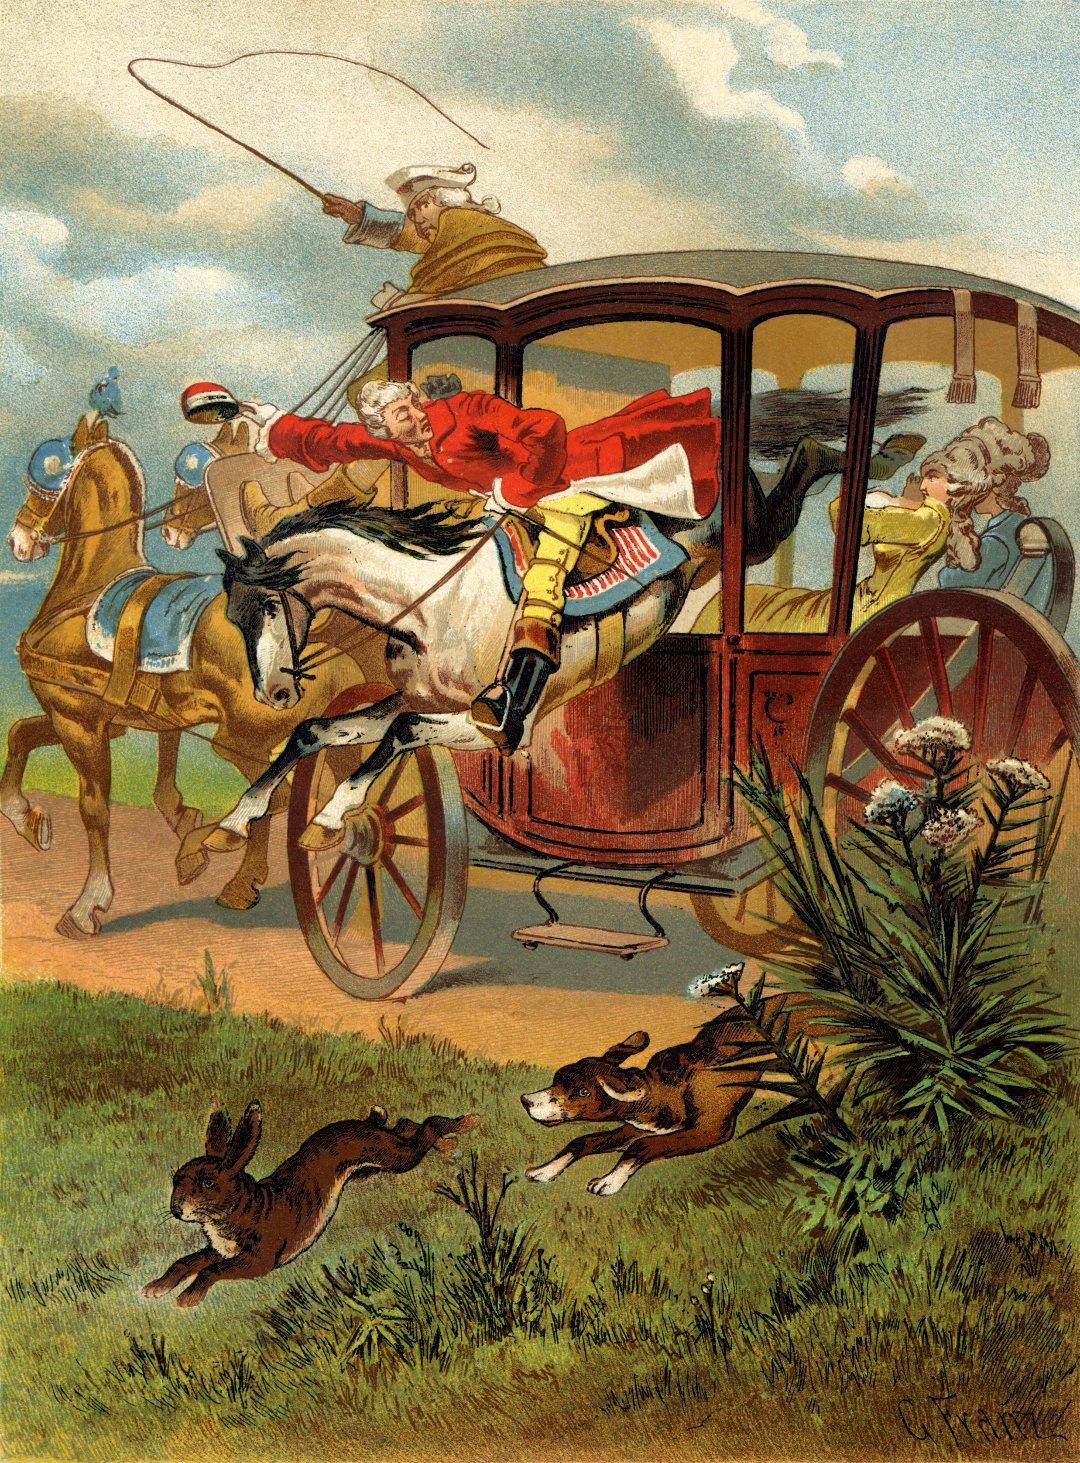 Иллюстрация с Мюнхгаузеном на коне, пролетающем через окна кареты, к книге Рудольфа Эриха Распе, созданная Готфридом Францем